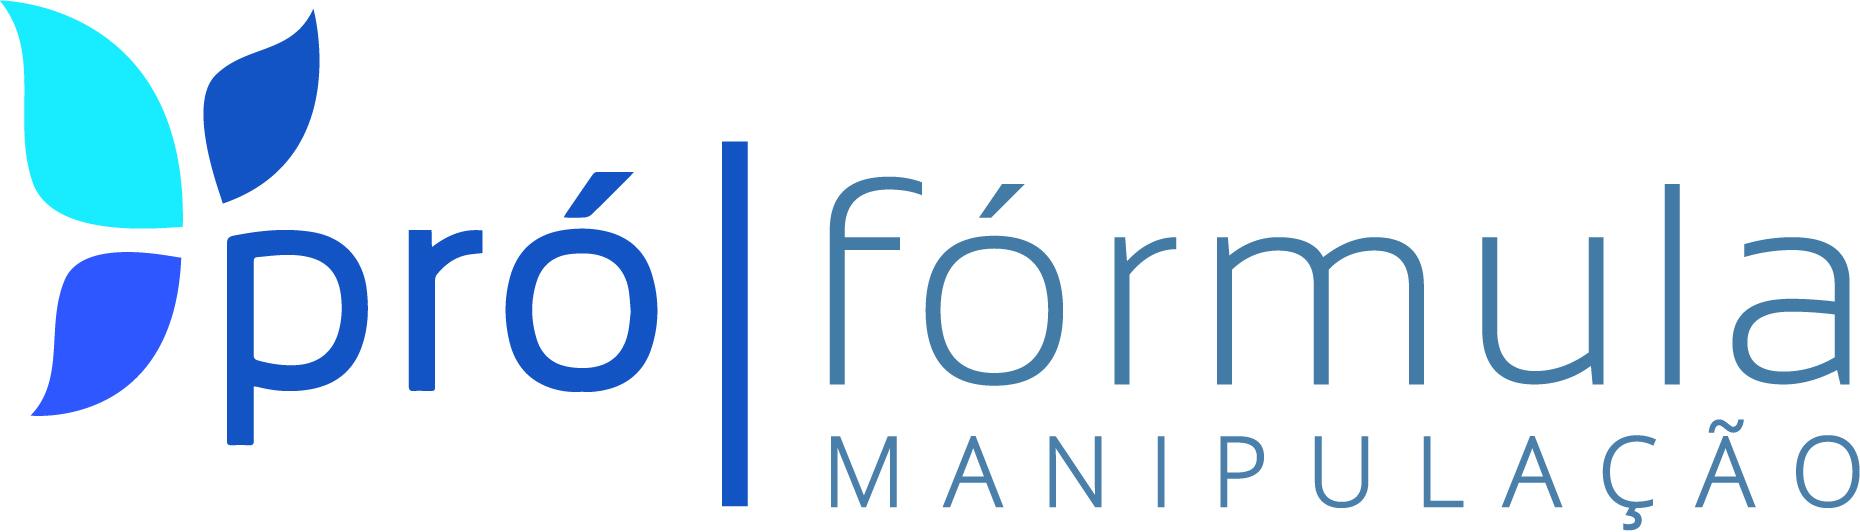 Logo de Pró Fórmula Farmácia de Manipulação